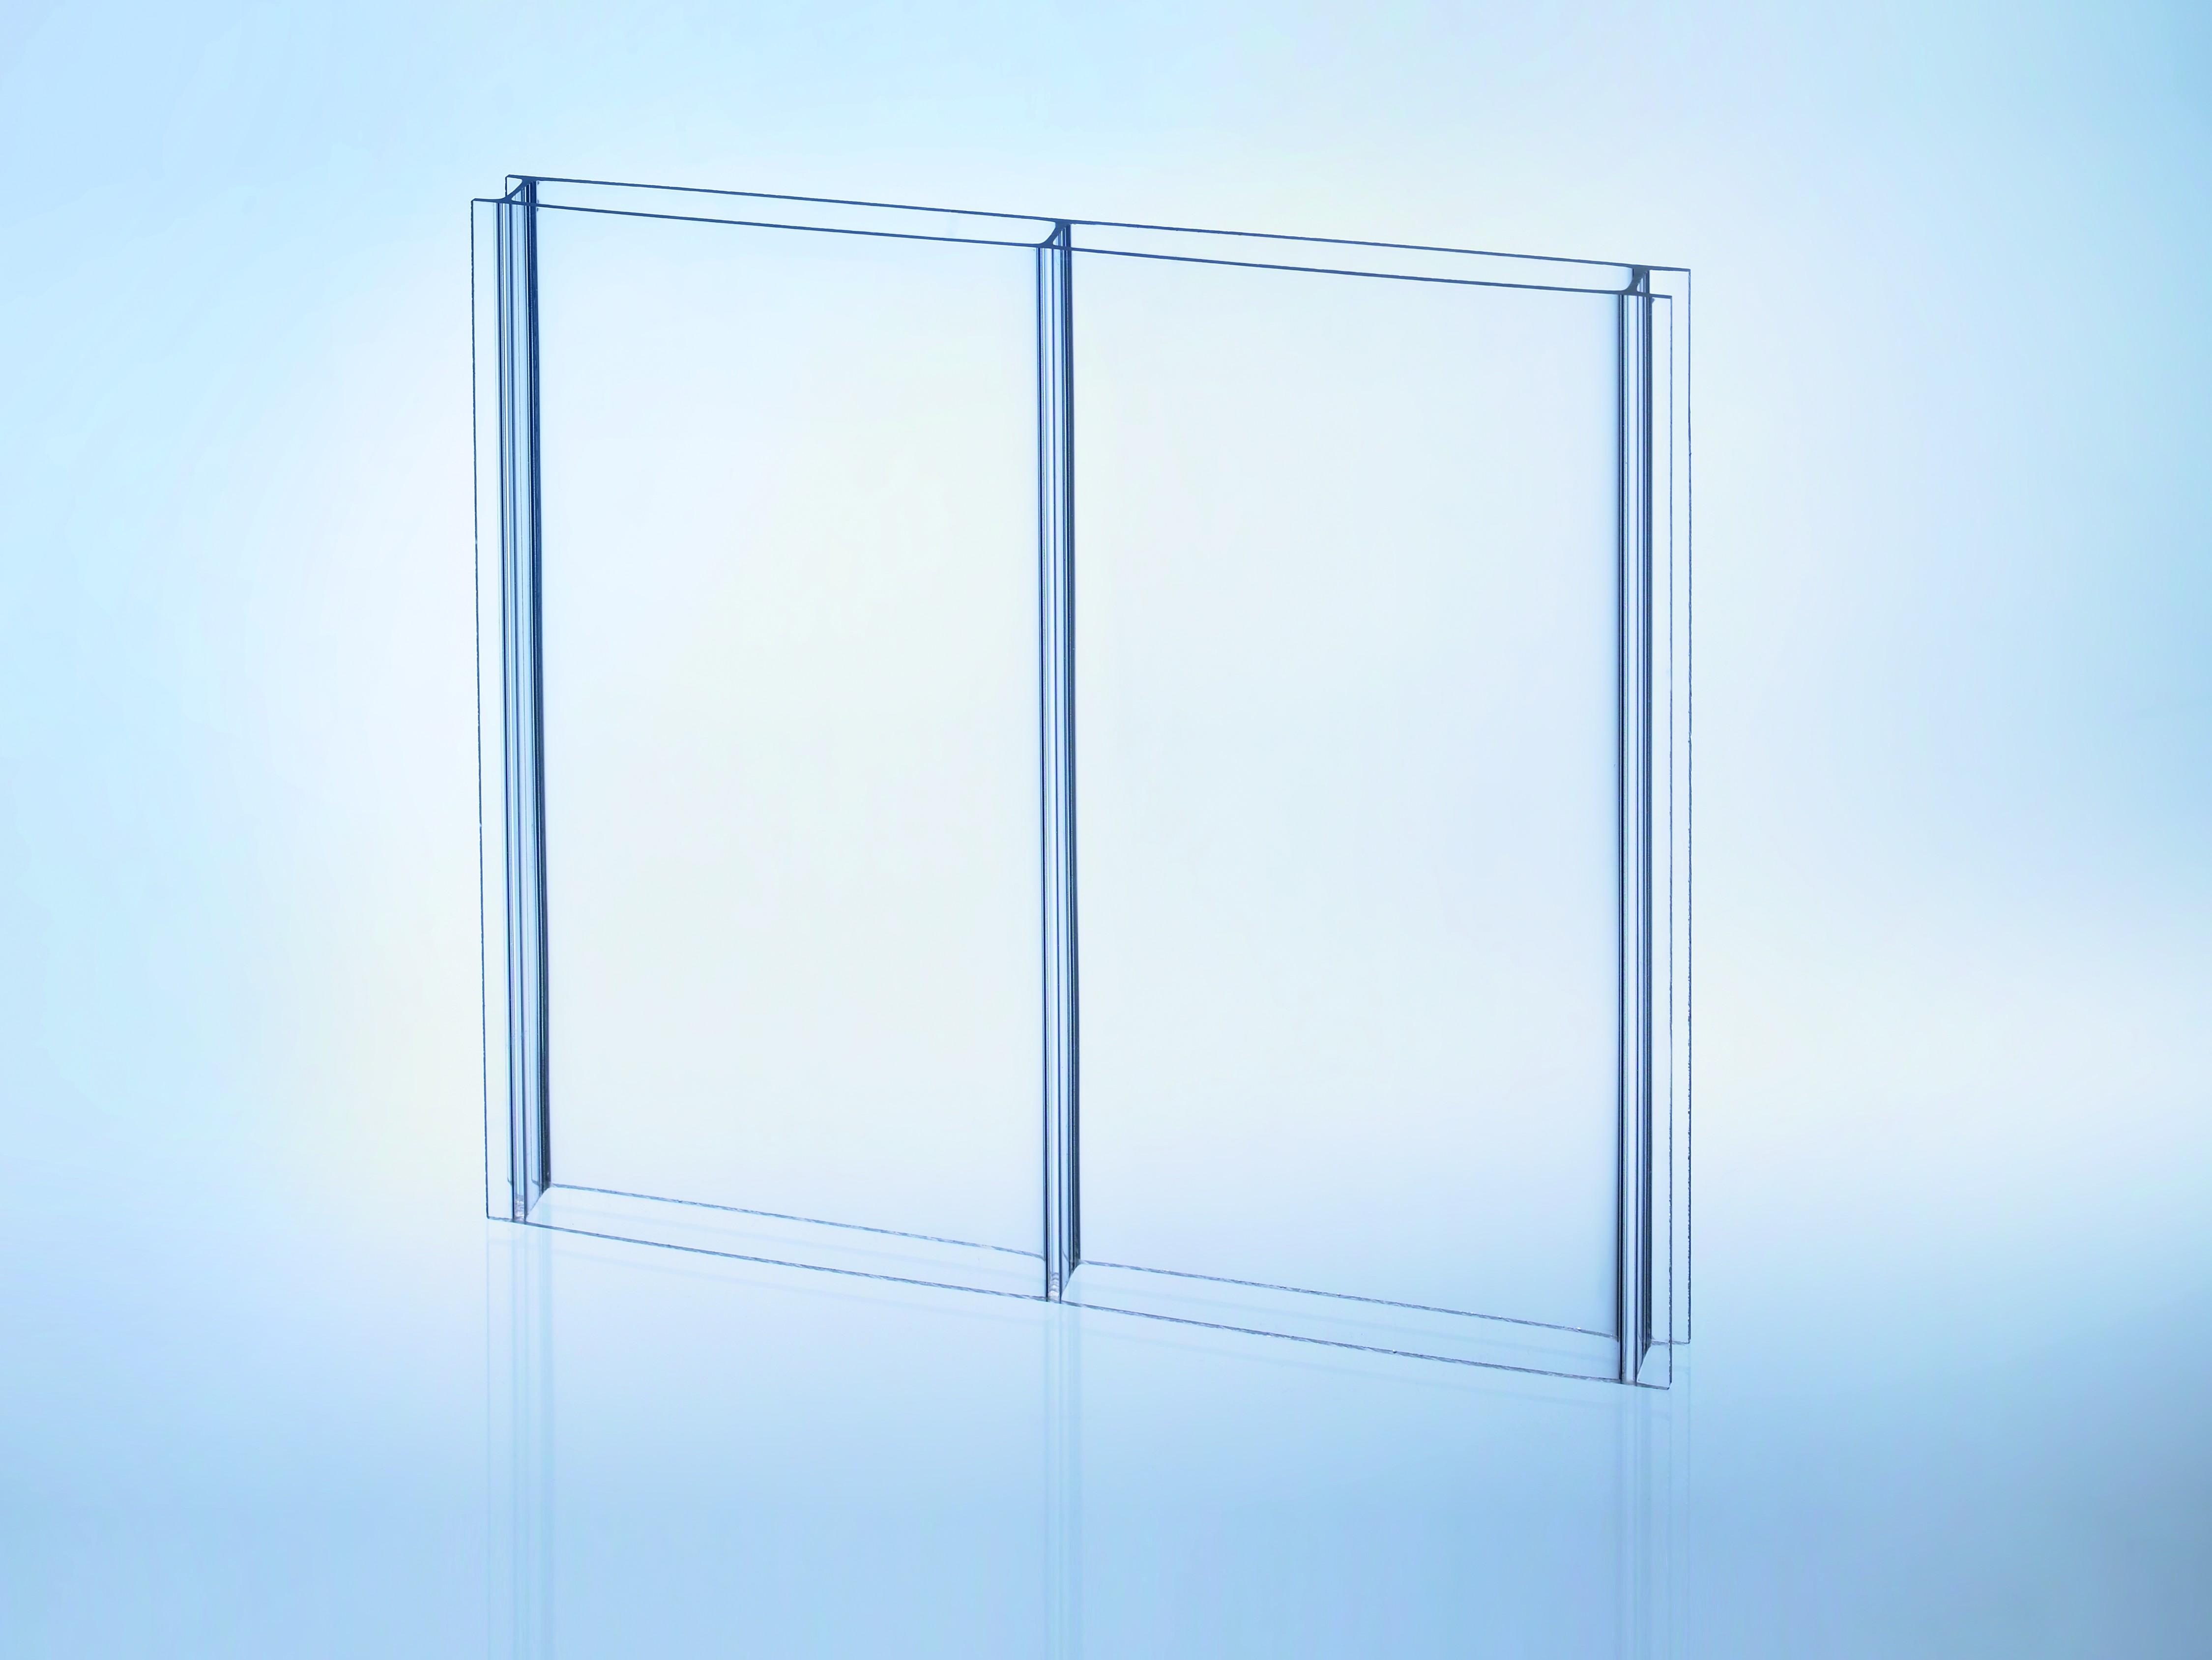 Top Terrassenüberdachung Glas oder Kunststoff | Vergleich | Bernd RX14